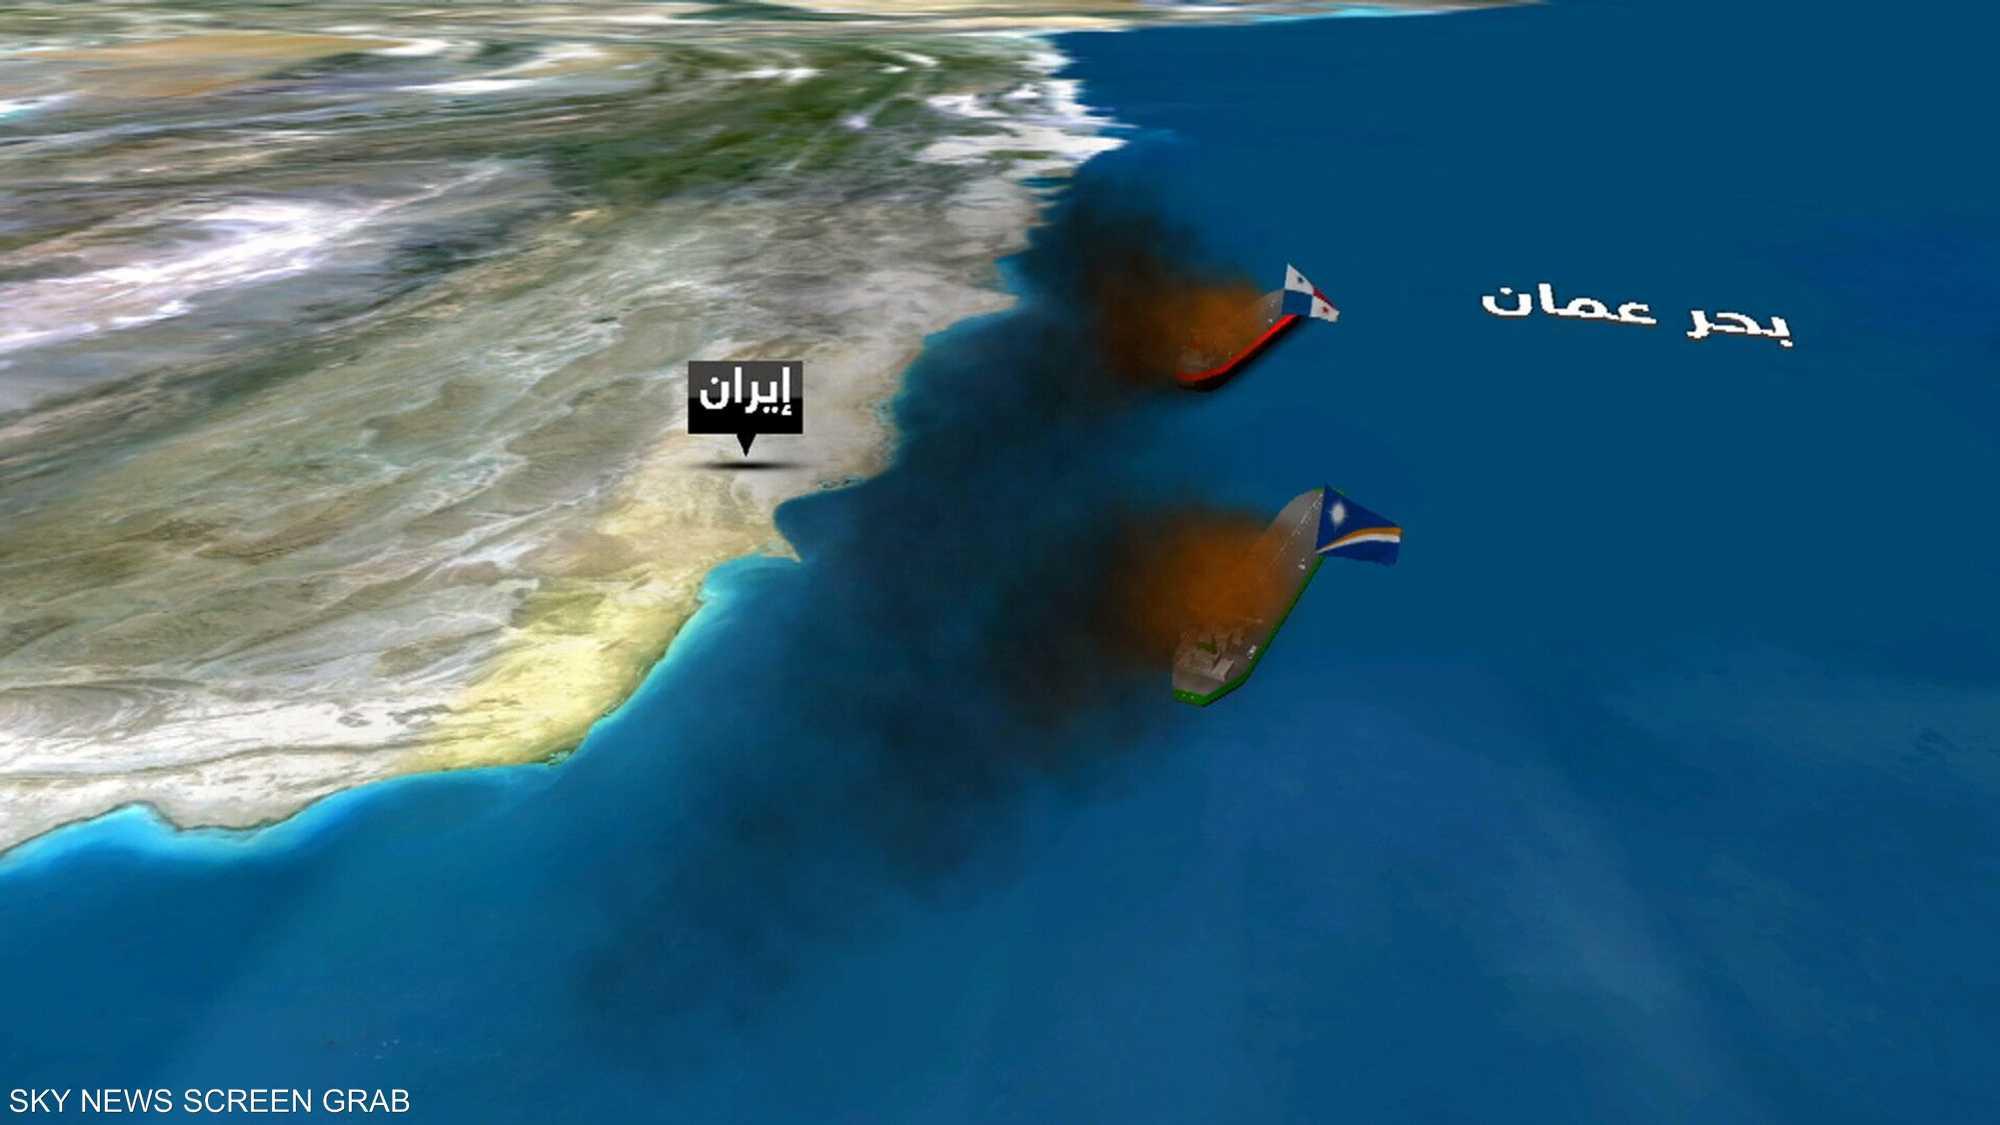 البحرية الأميركية: ناقلتا نفط تعرضتا لأضرار في خليج عمان